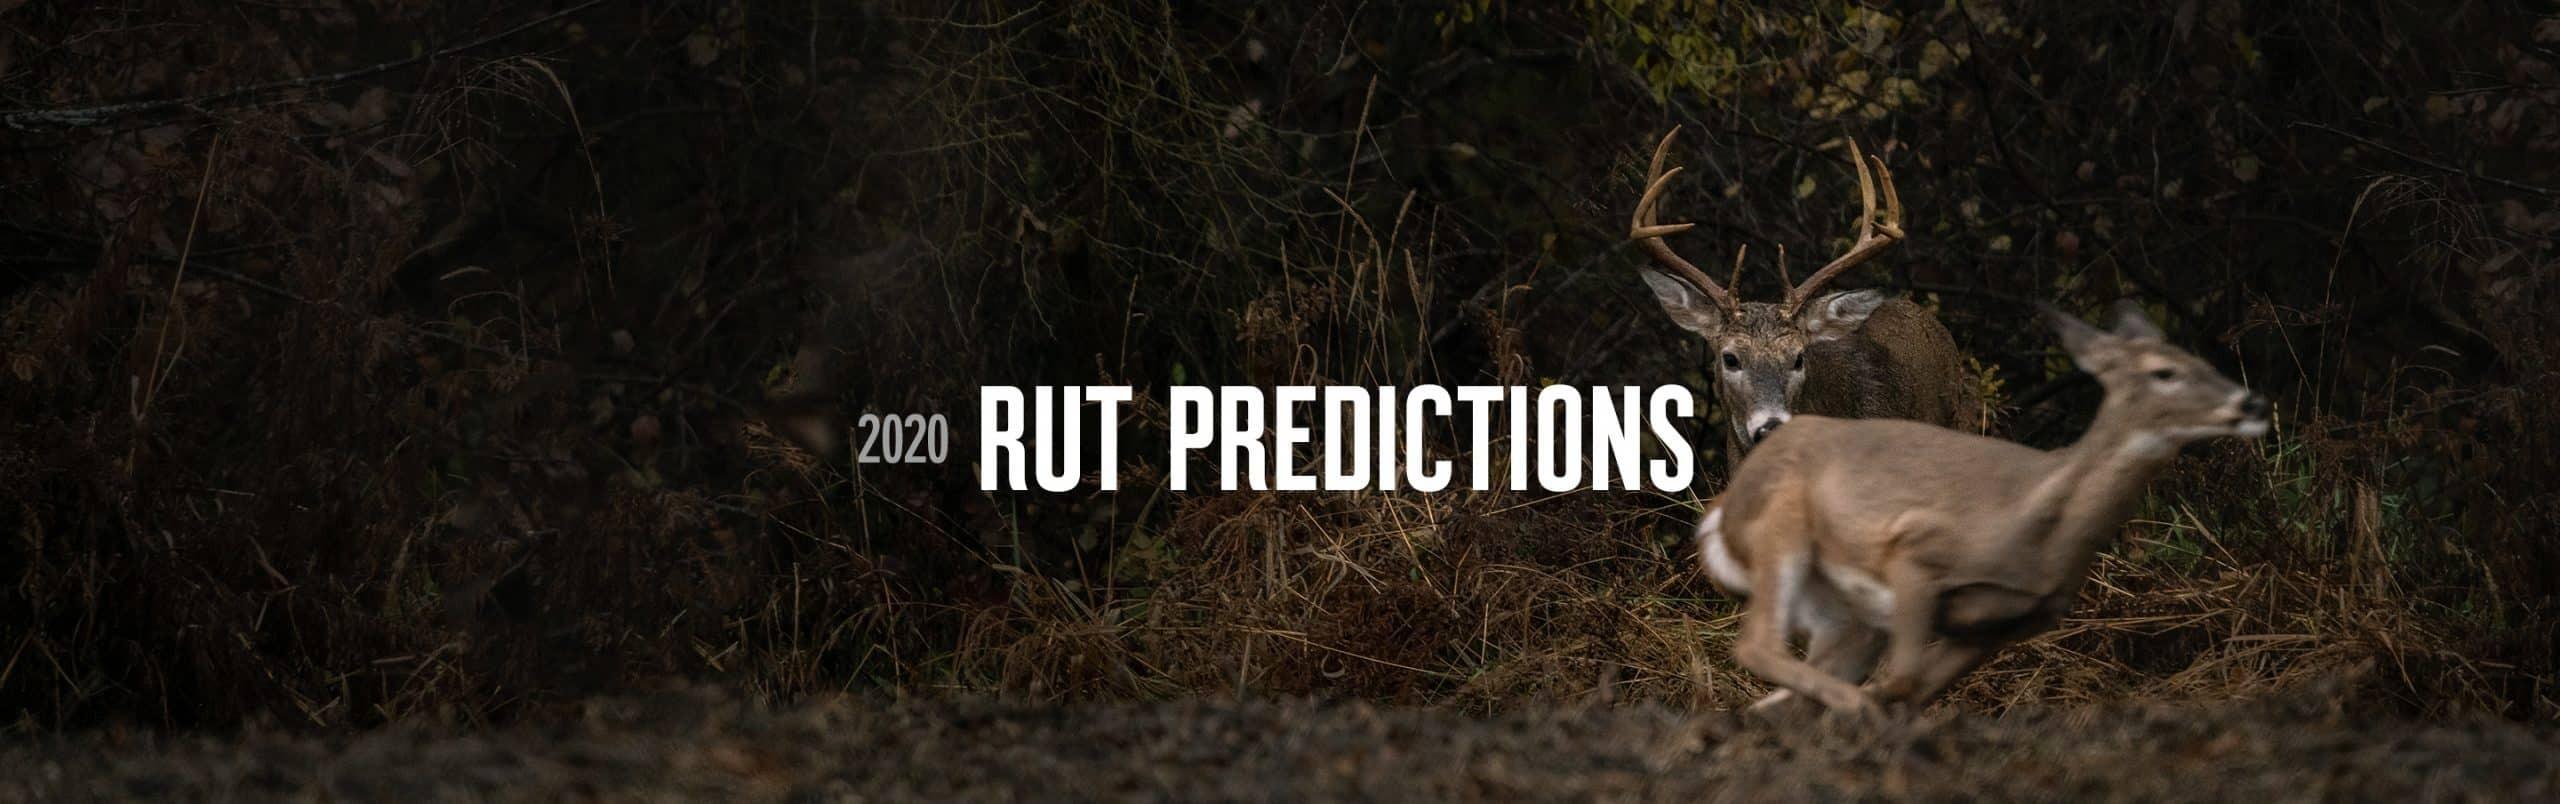 2020 Rut Predictions | Onx Maps-North Carolina Rut Predictions 2021